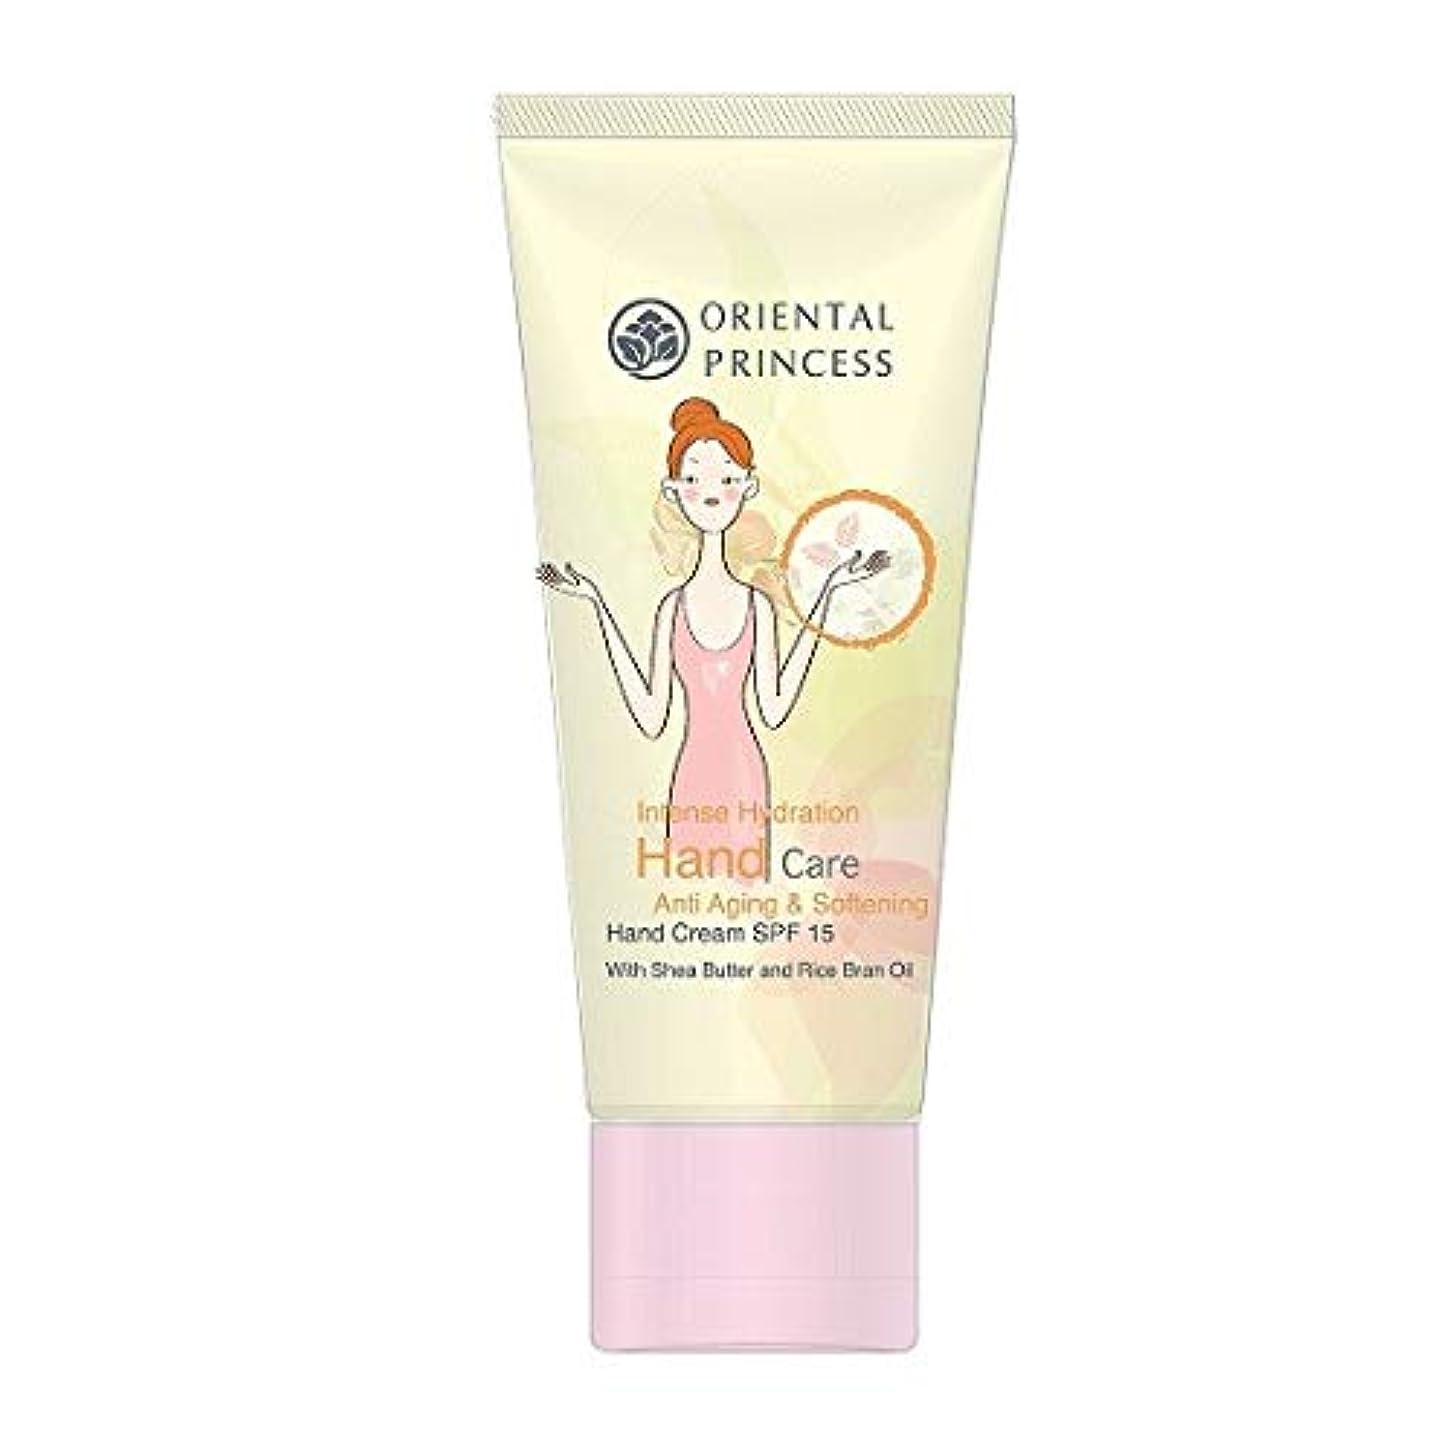 被害者感謝するかわいらしいOrient Princess Intense Hydration Hand Care Anti Aging & Softening Hand Cream SPF 15 75g